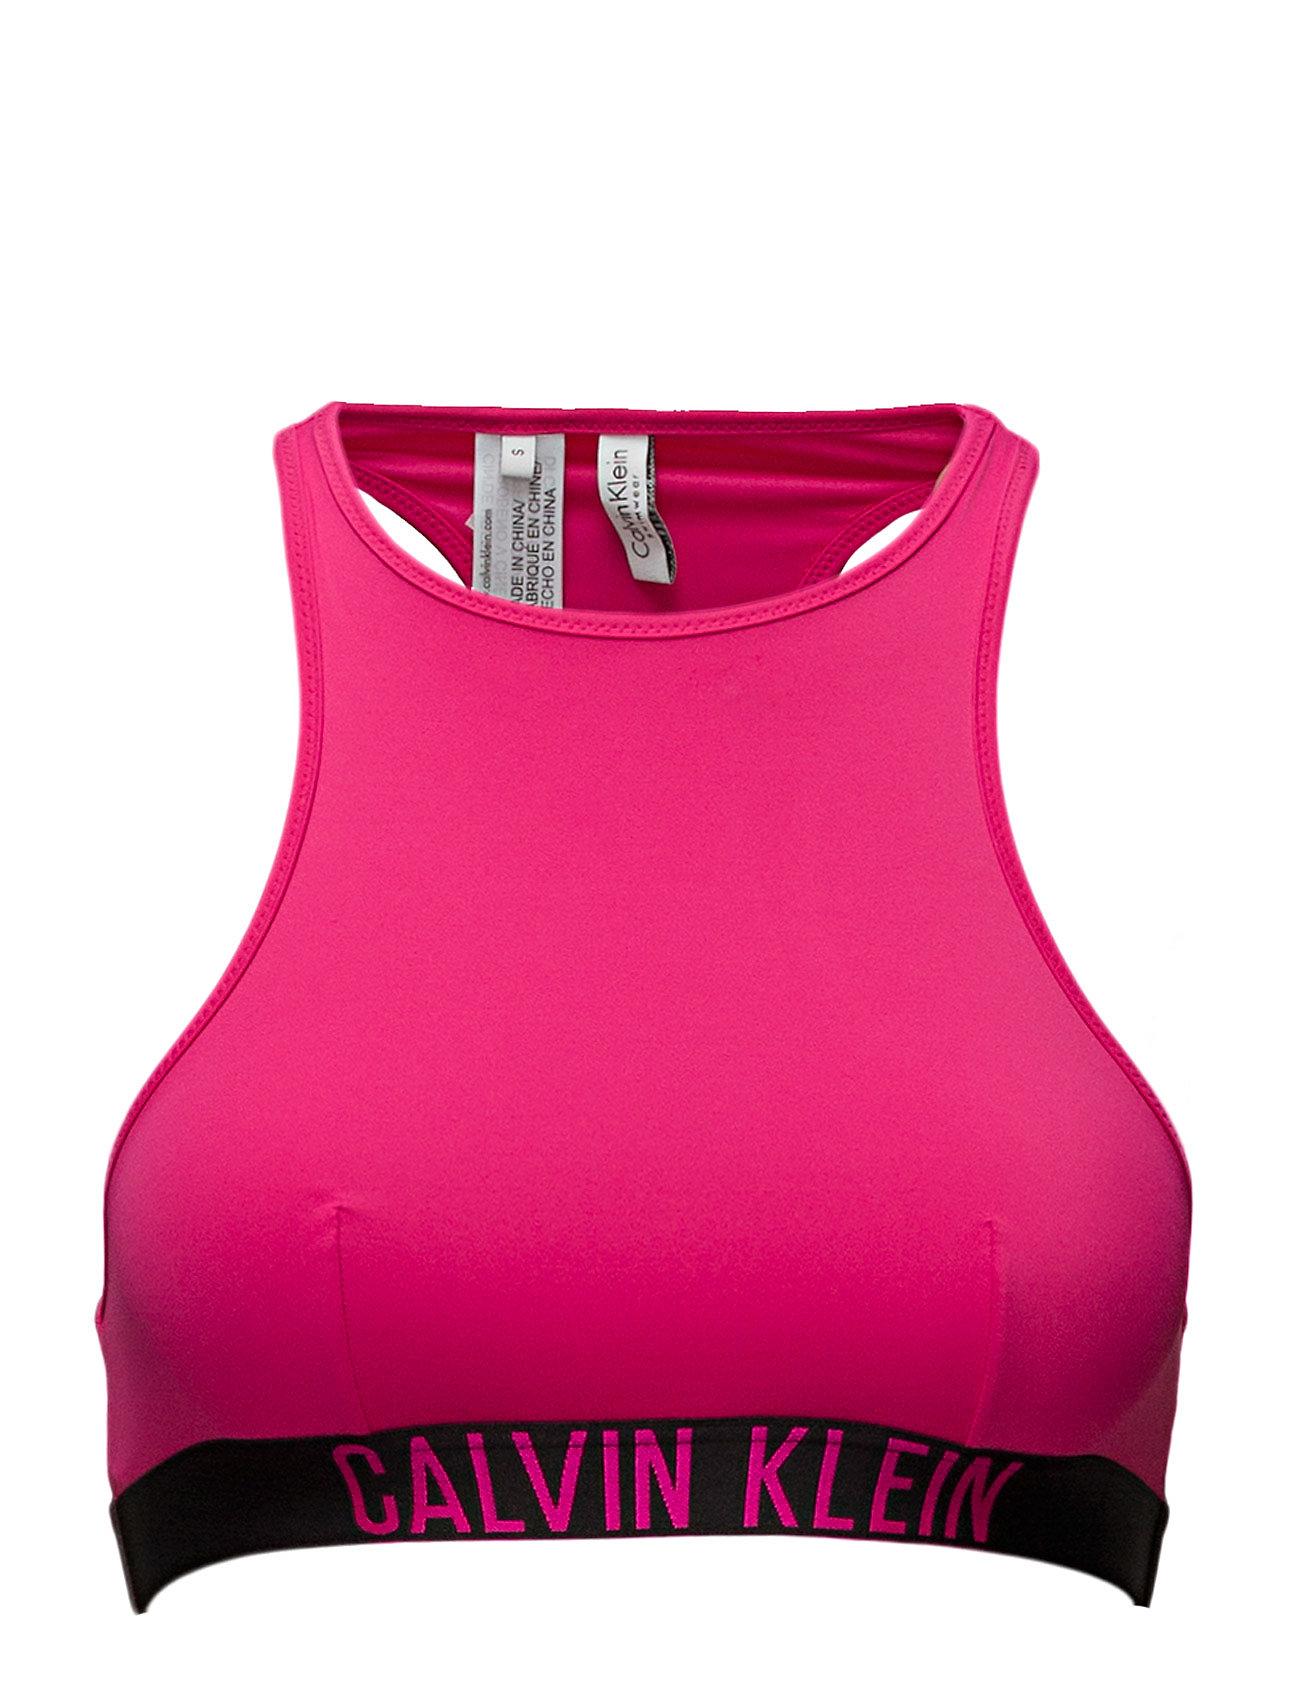 Bralette 410, L Calvin Klein BH'er til Kvinder i